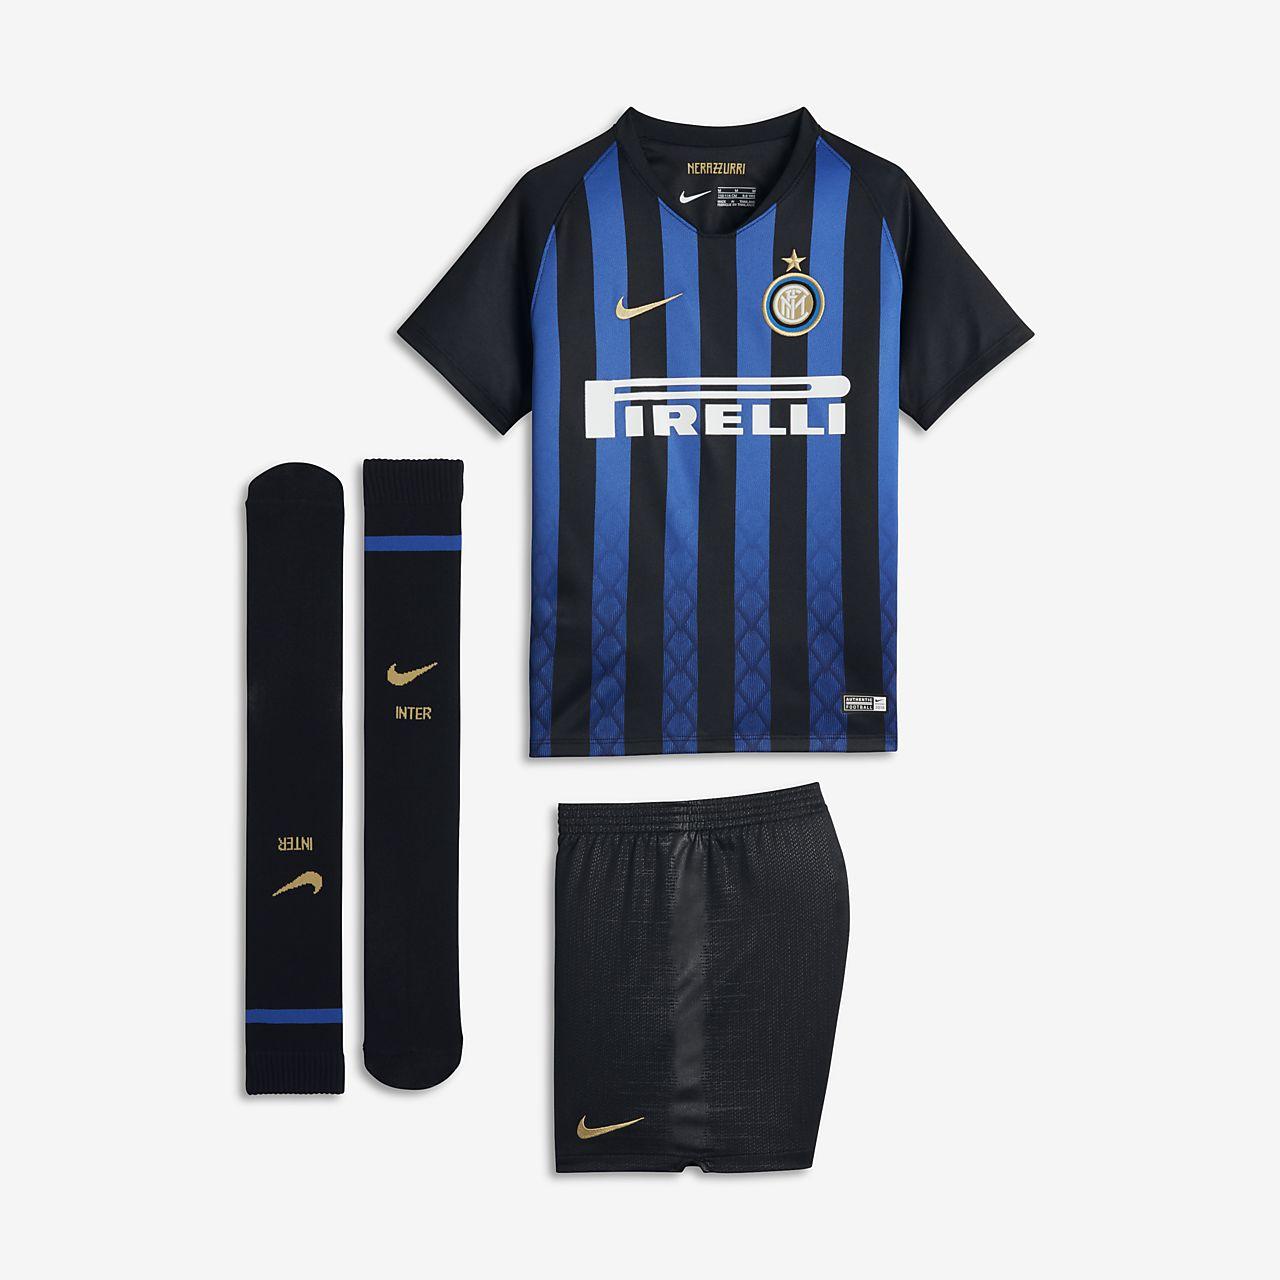 2018/19 Inter Mailand Stadium Home Fußballtrikot-Set für jüngere Kinder